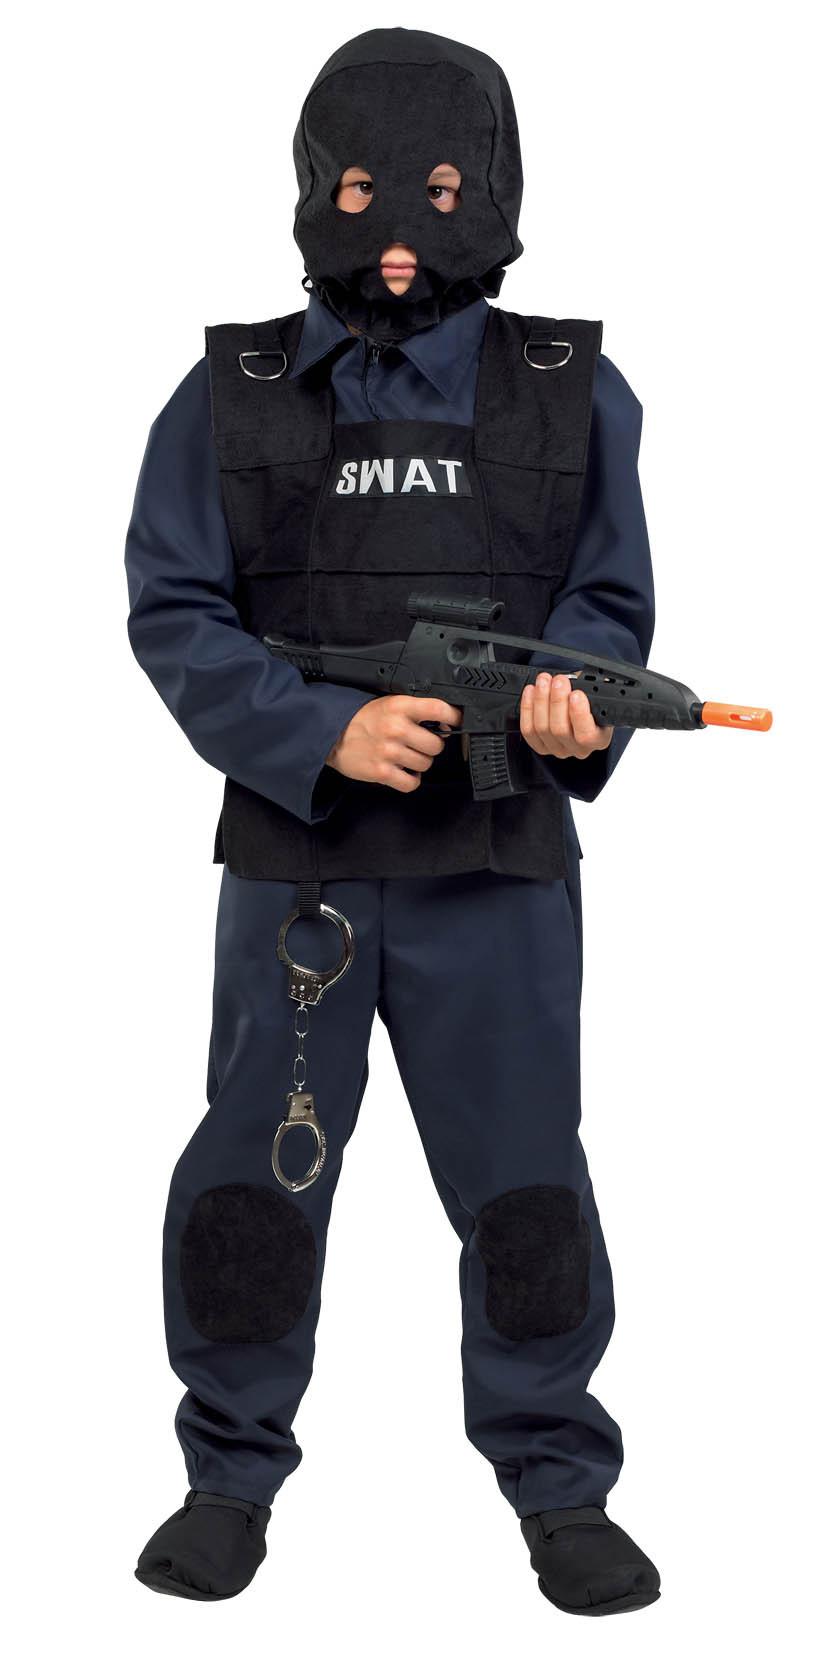 Αποκριάτικη Στολή Αστυνομικός Μυστικής Ομάδας S.W.A.T. Νο. 12 (342)